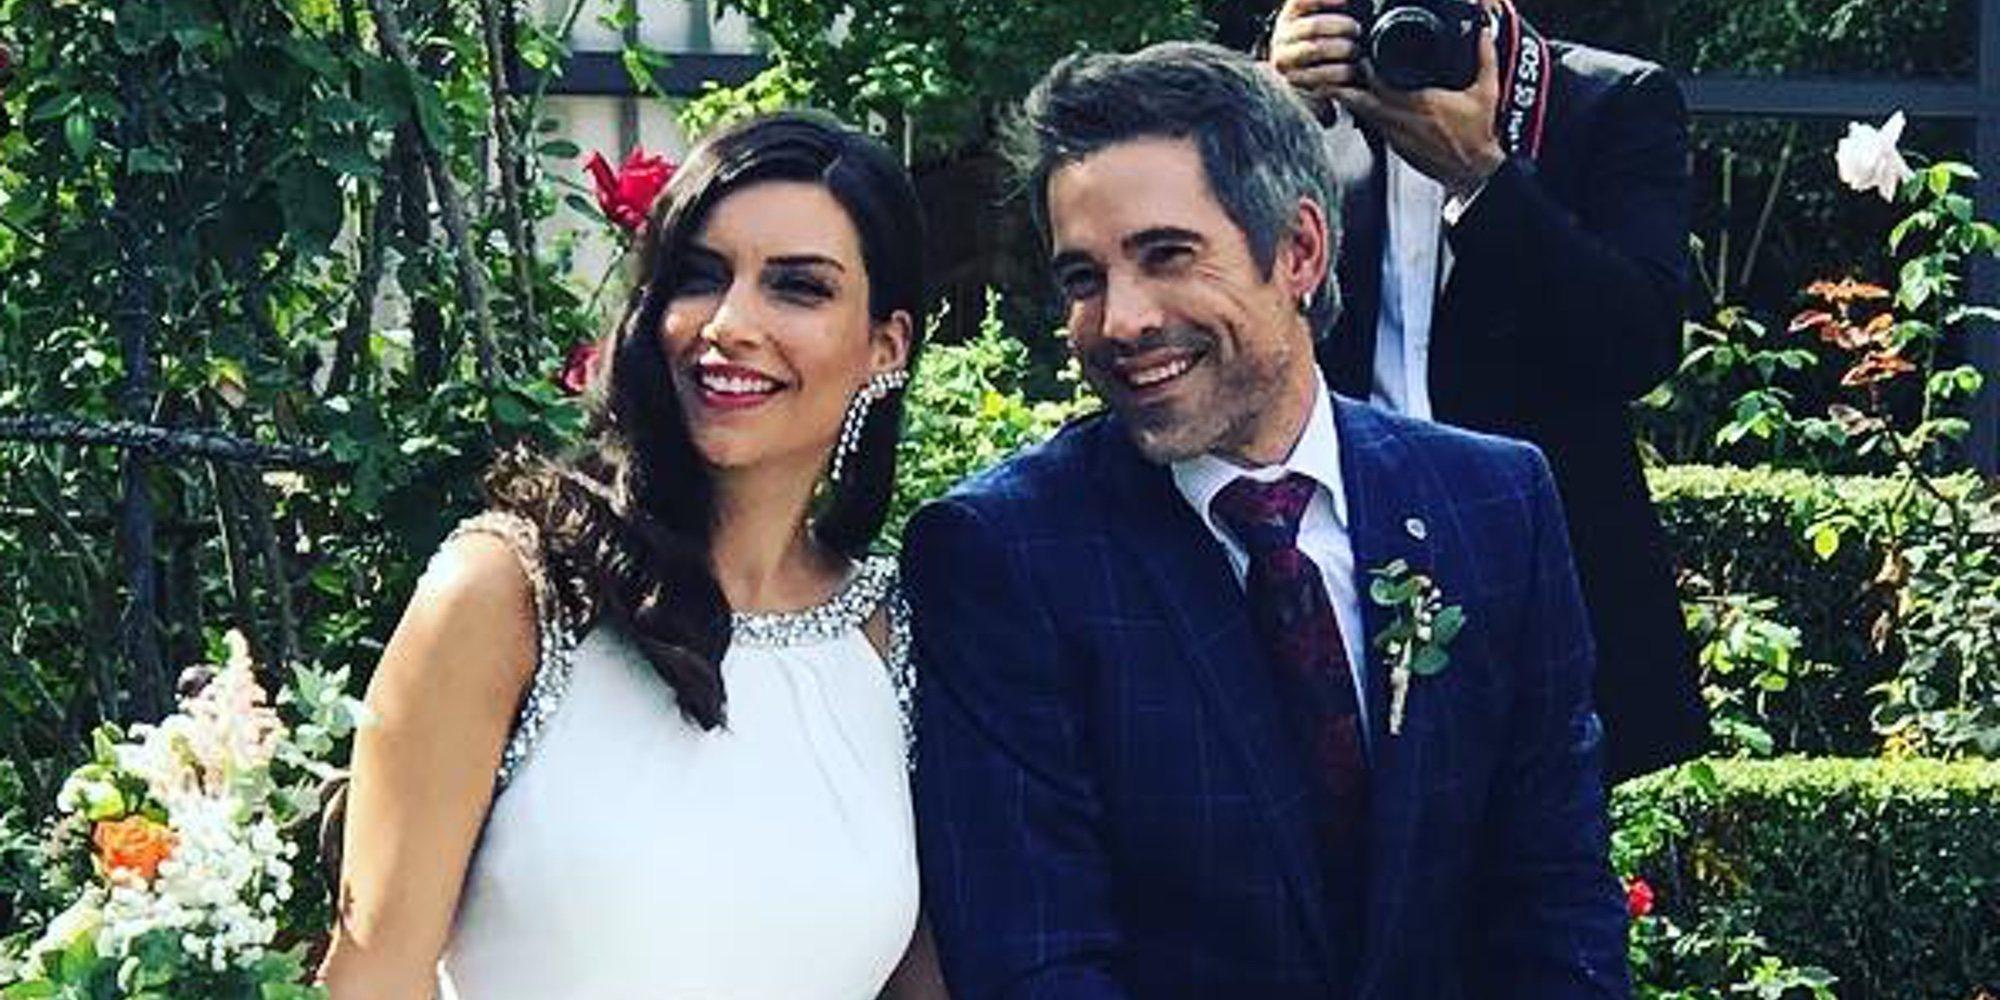 Unax Ugalde y Neus Cerdá se casan en una romántica boda oficiada por Asier Etxeandía